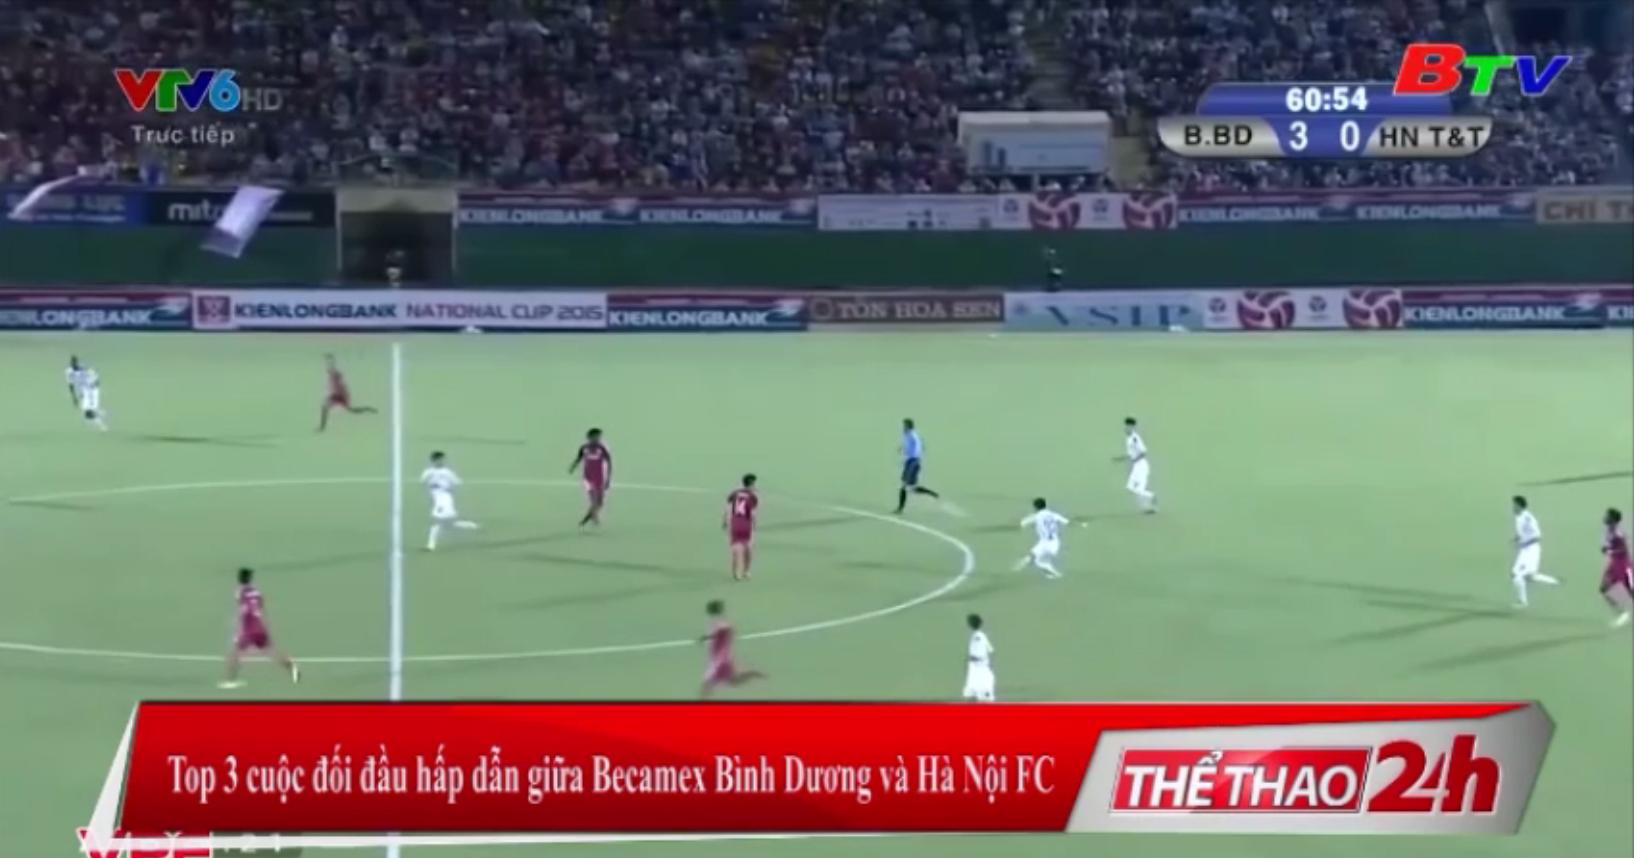 Top 3 cuộc đối đầu hấp dẫn giữa Becamex Bình Dương và Hà Nội FC